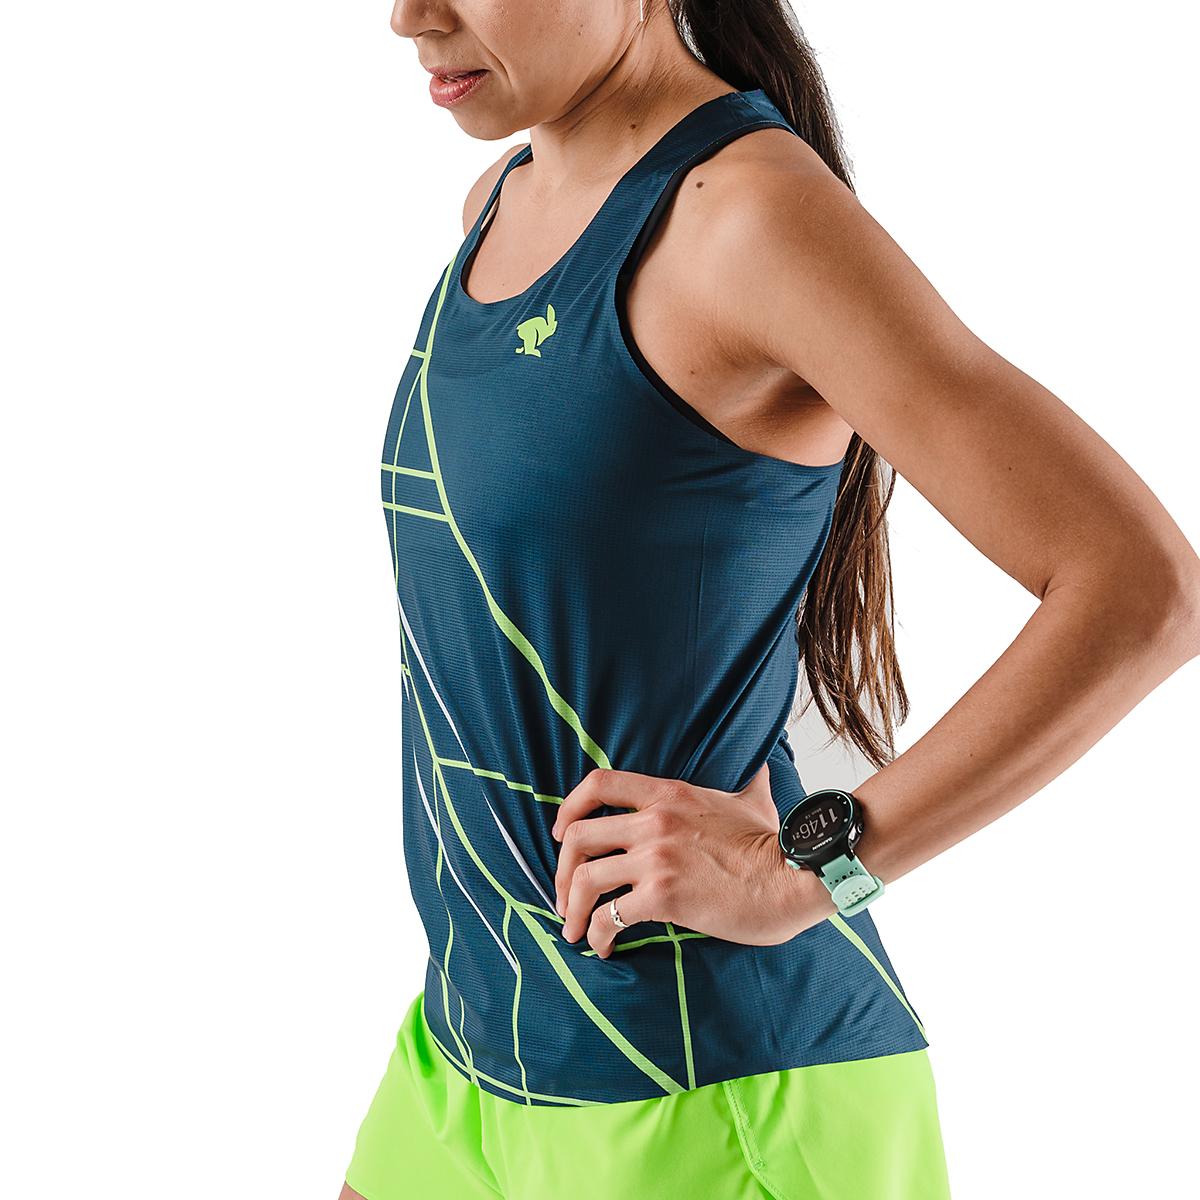 Women's Rabbit Speedeez Singlet - Color: Dress Blues/Green Gecko - Size: XS, Dress Blues/Green Gecko, large, image 3